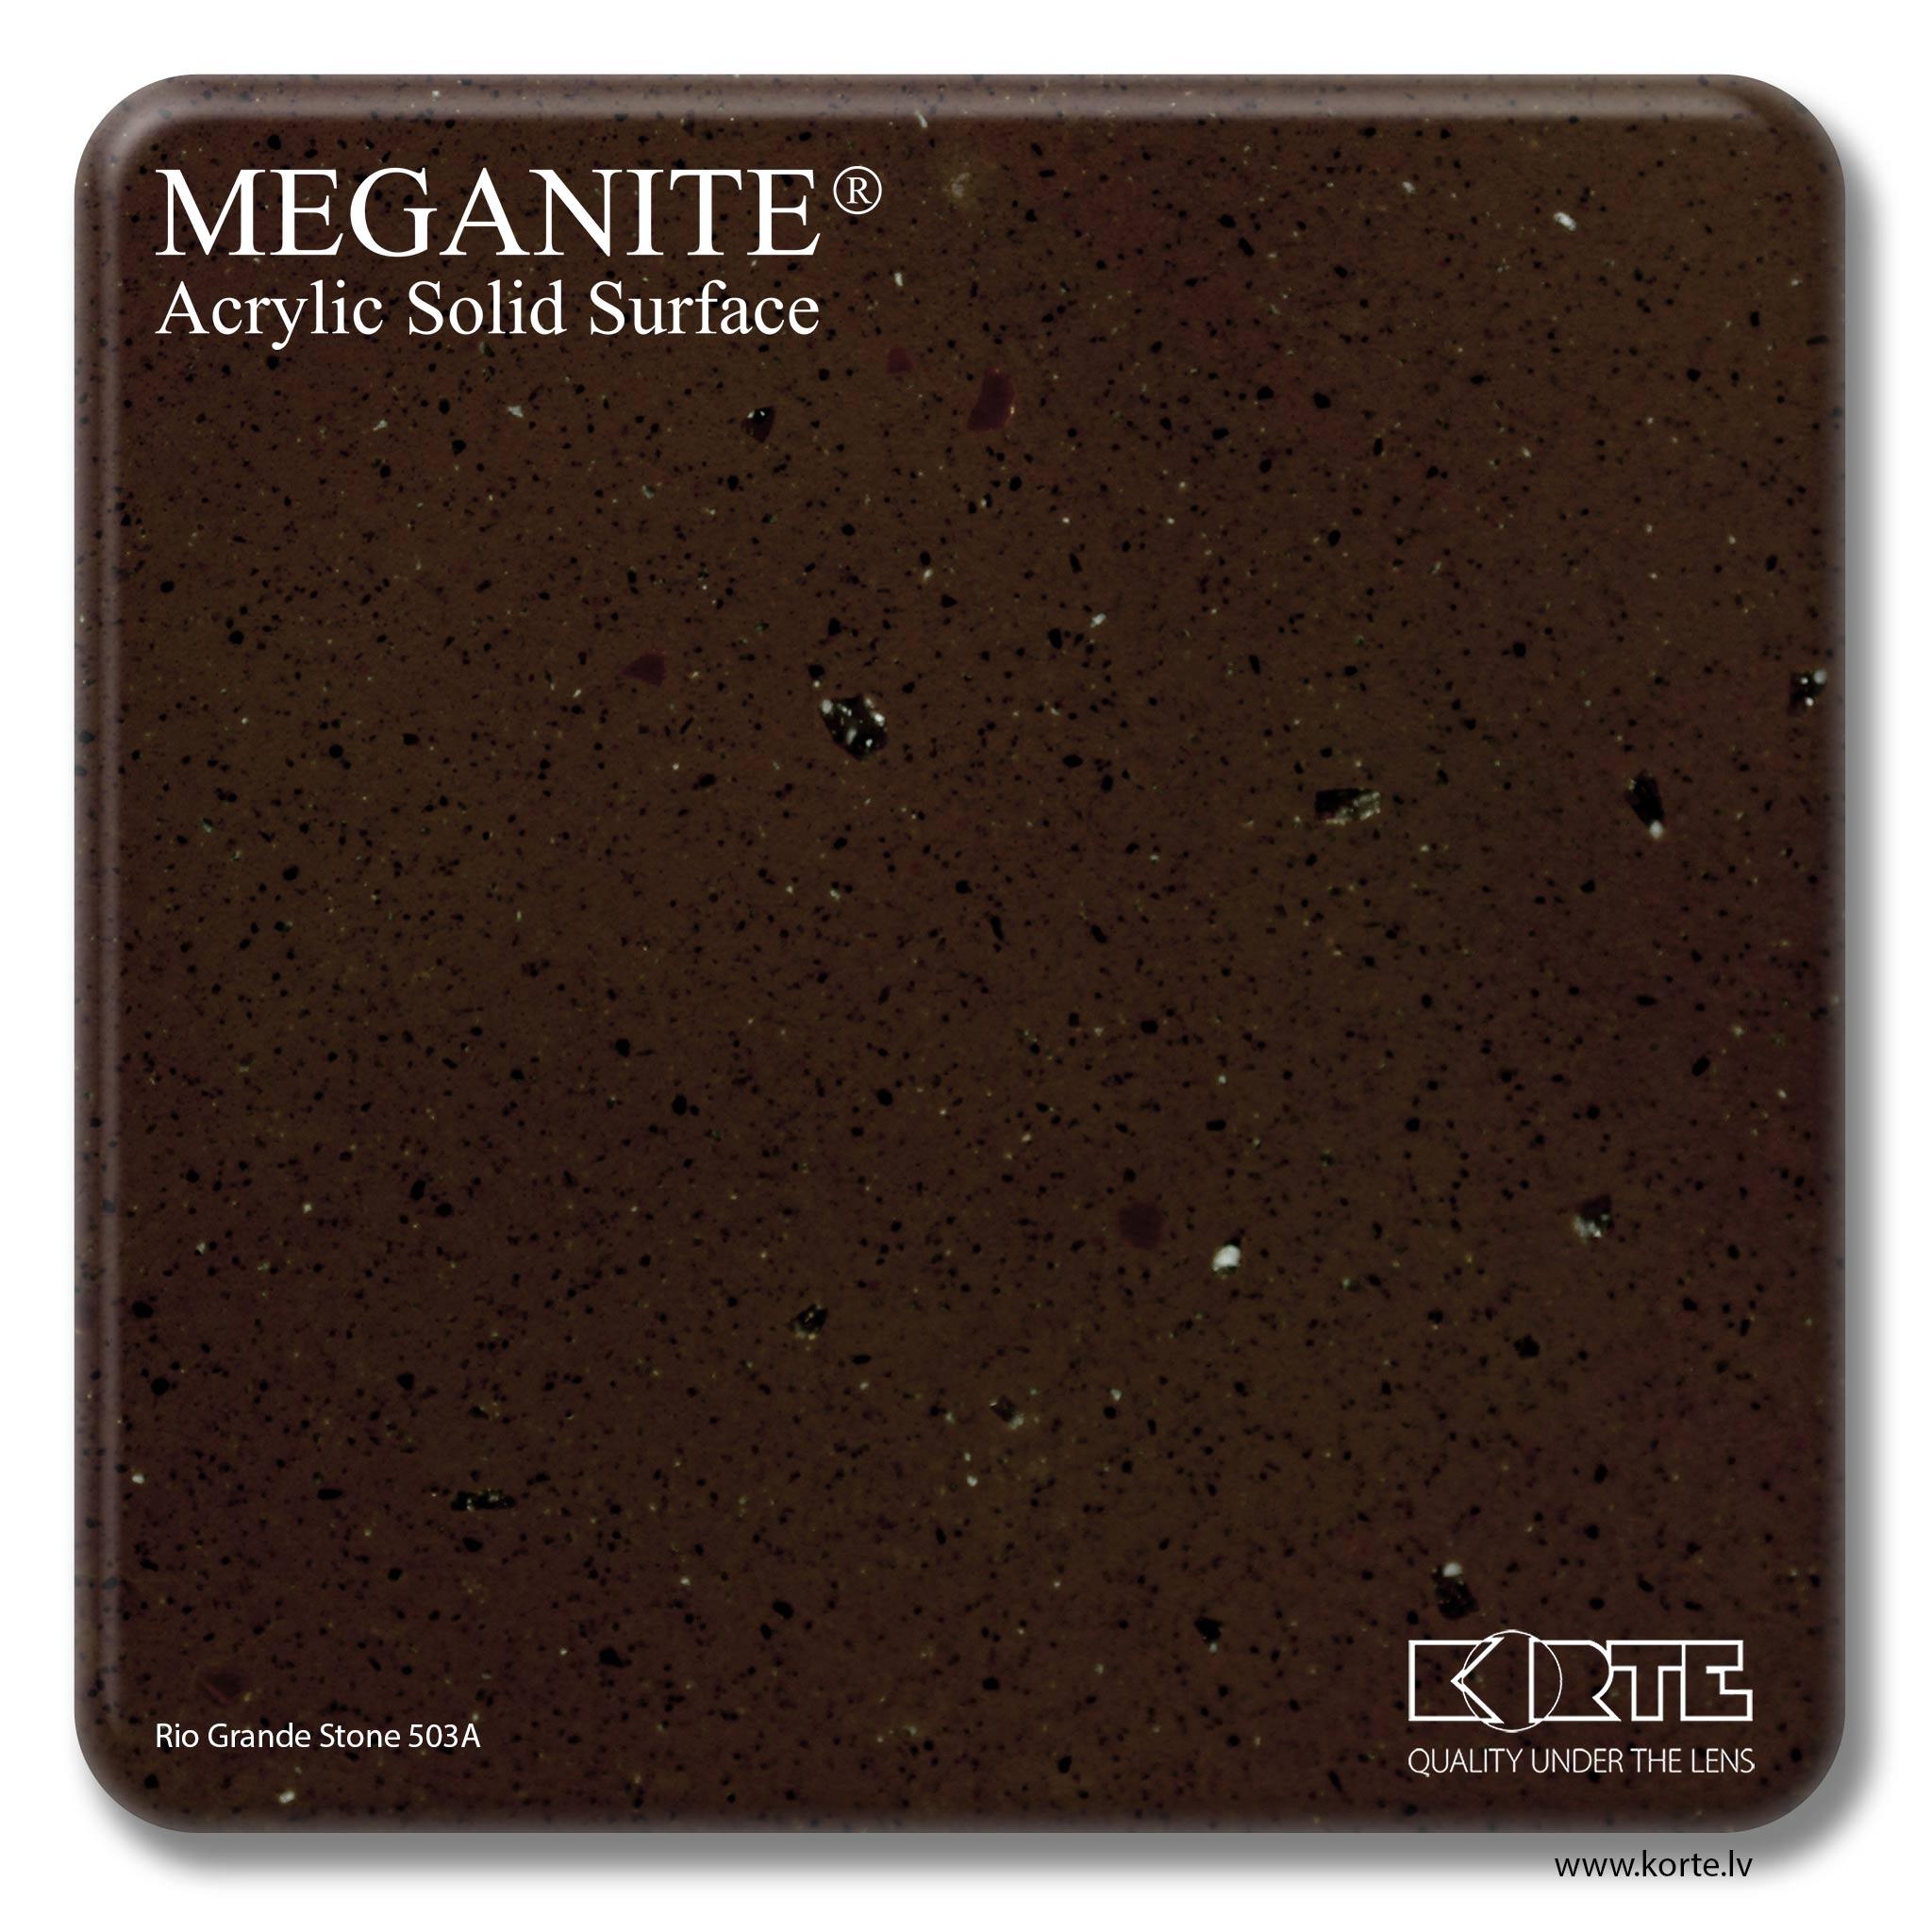 Meganite Rio Grande Stone 503A